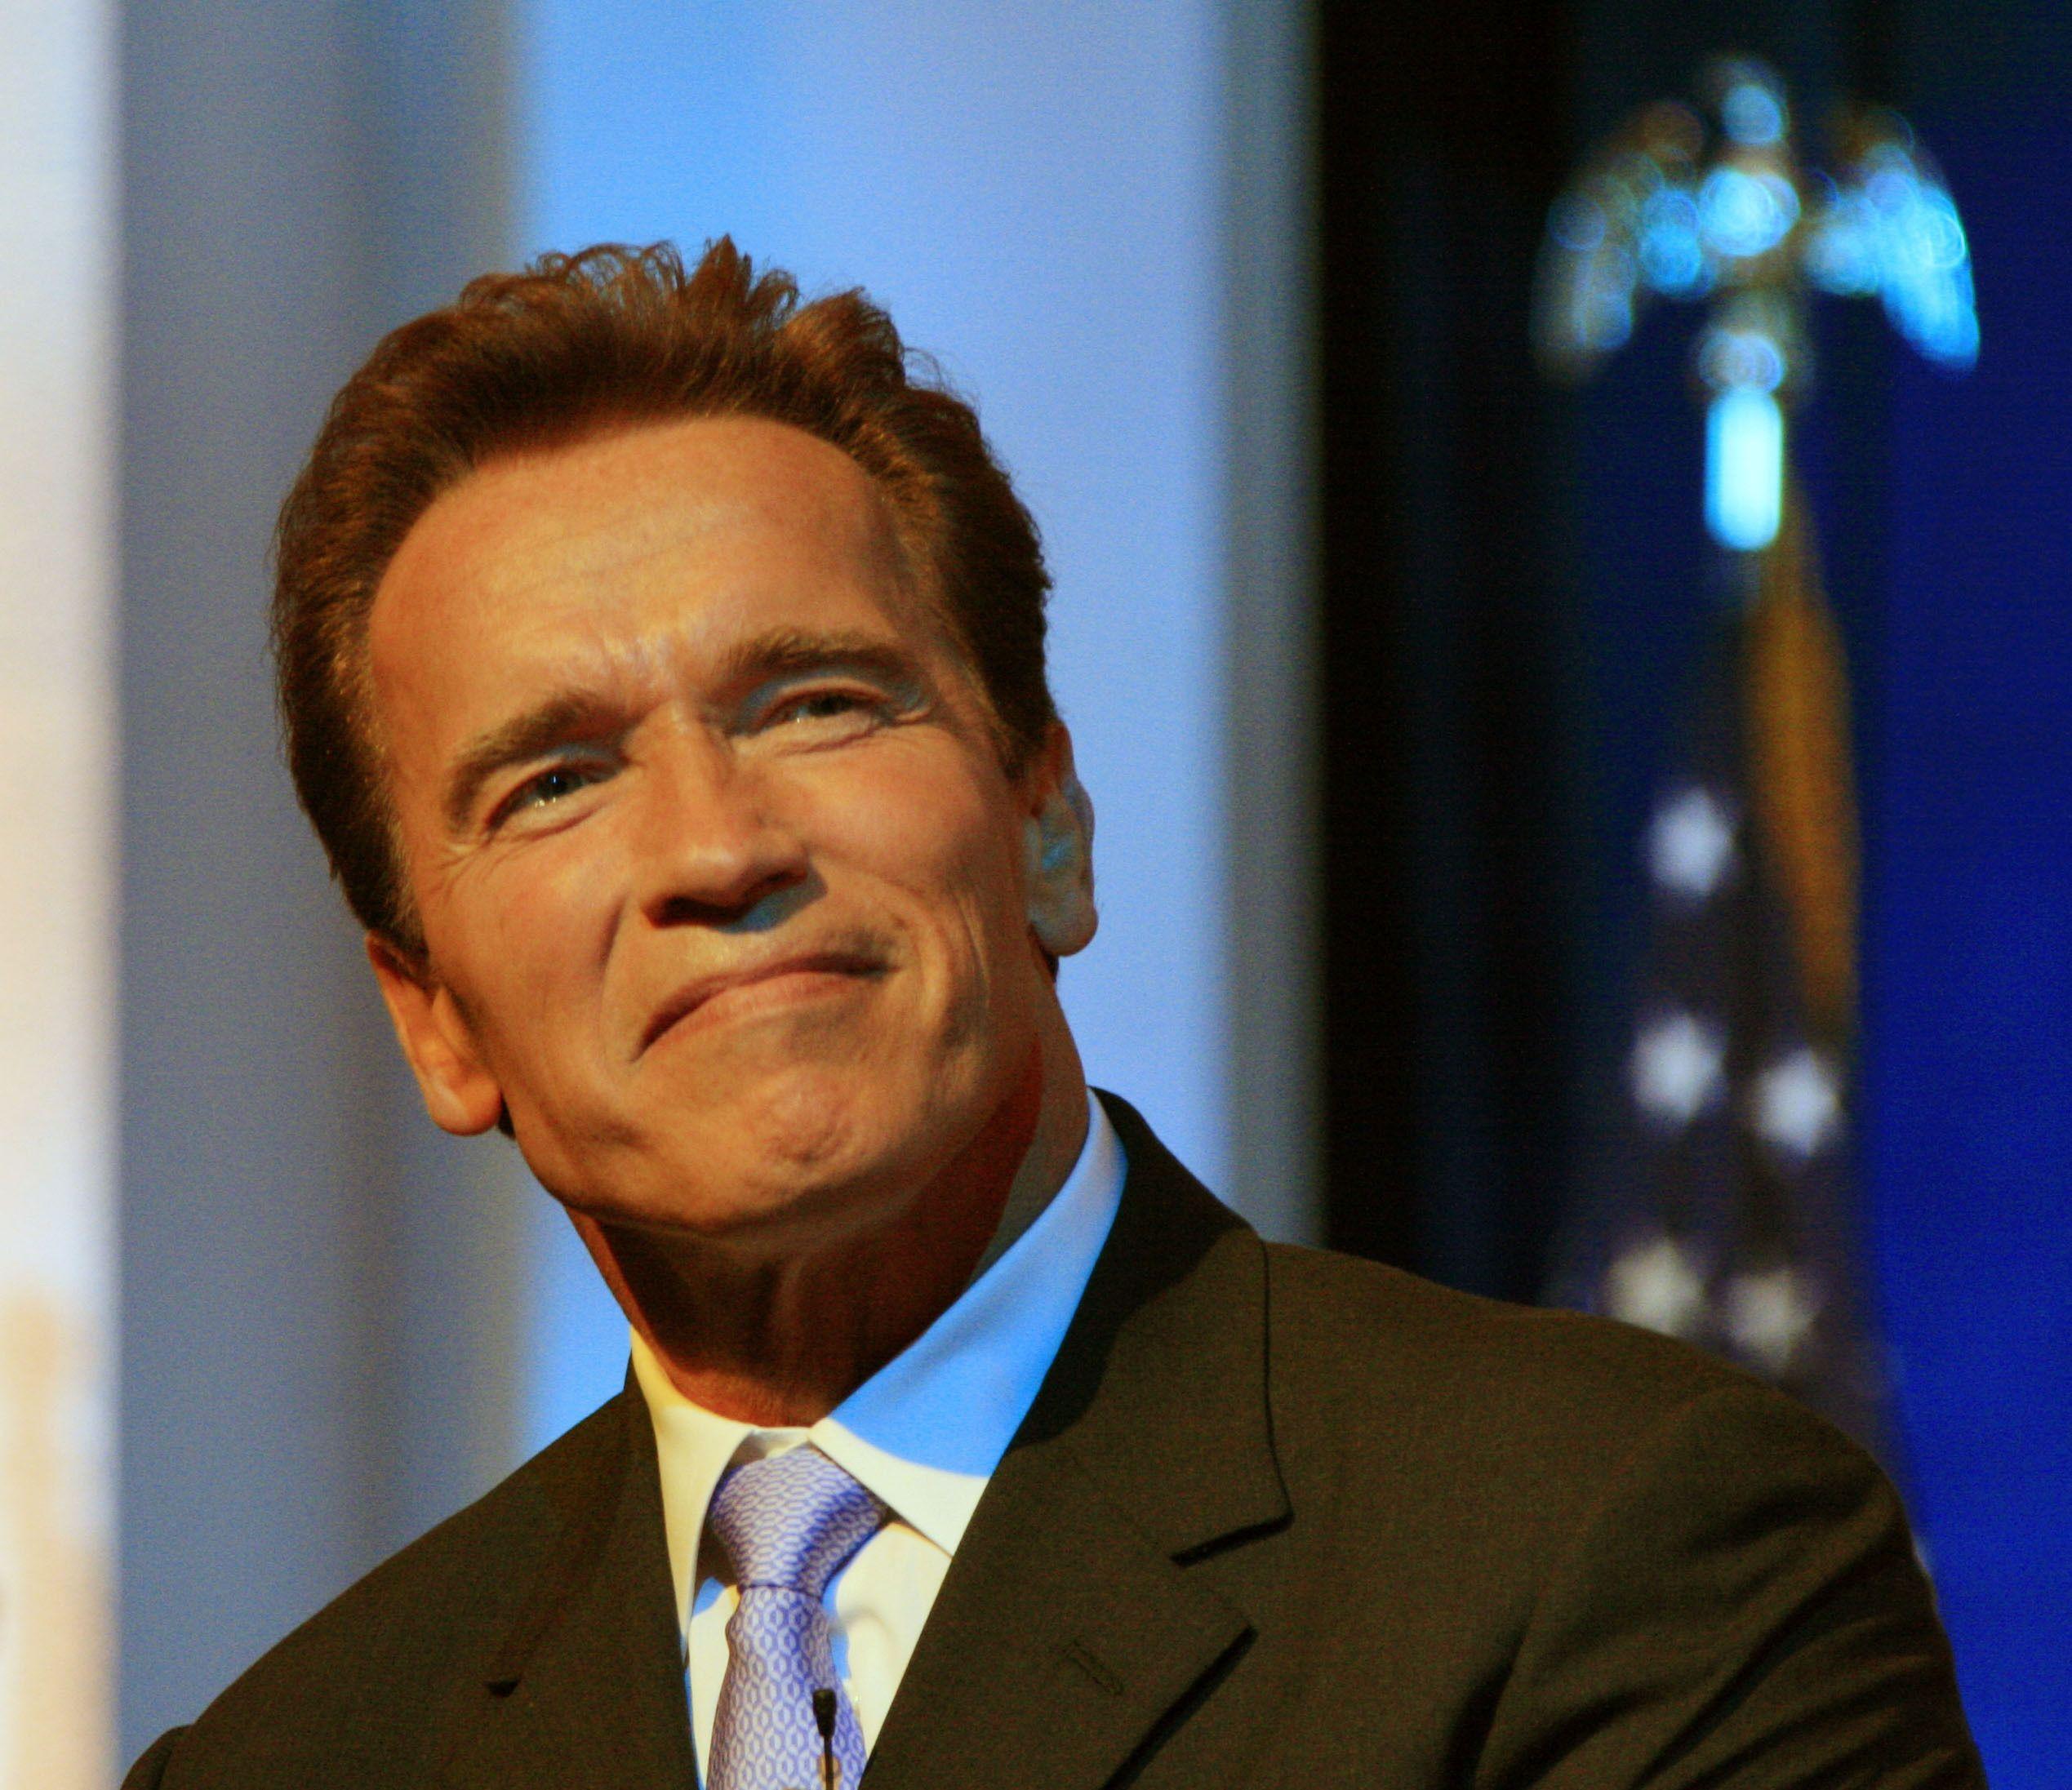 3. Arnold Schwarzenegger